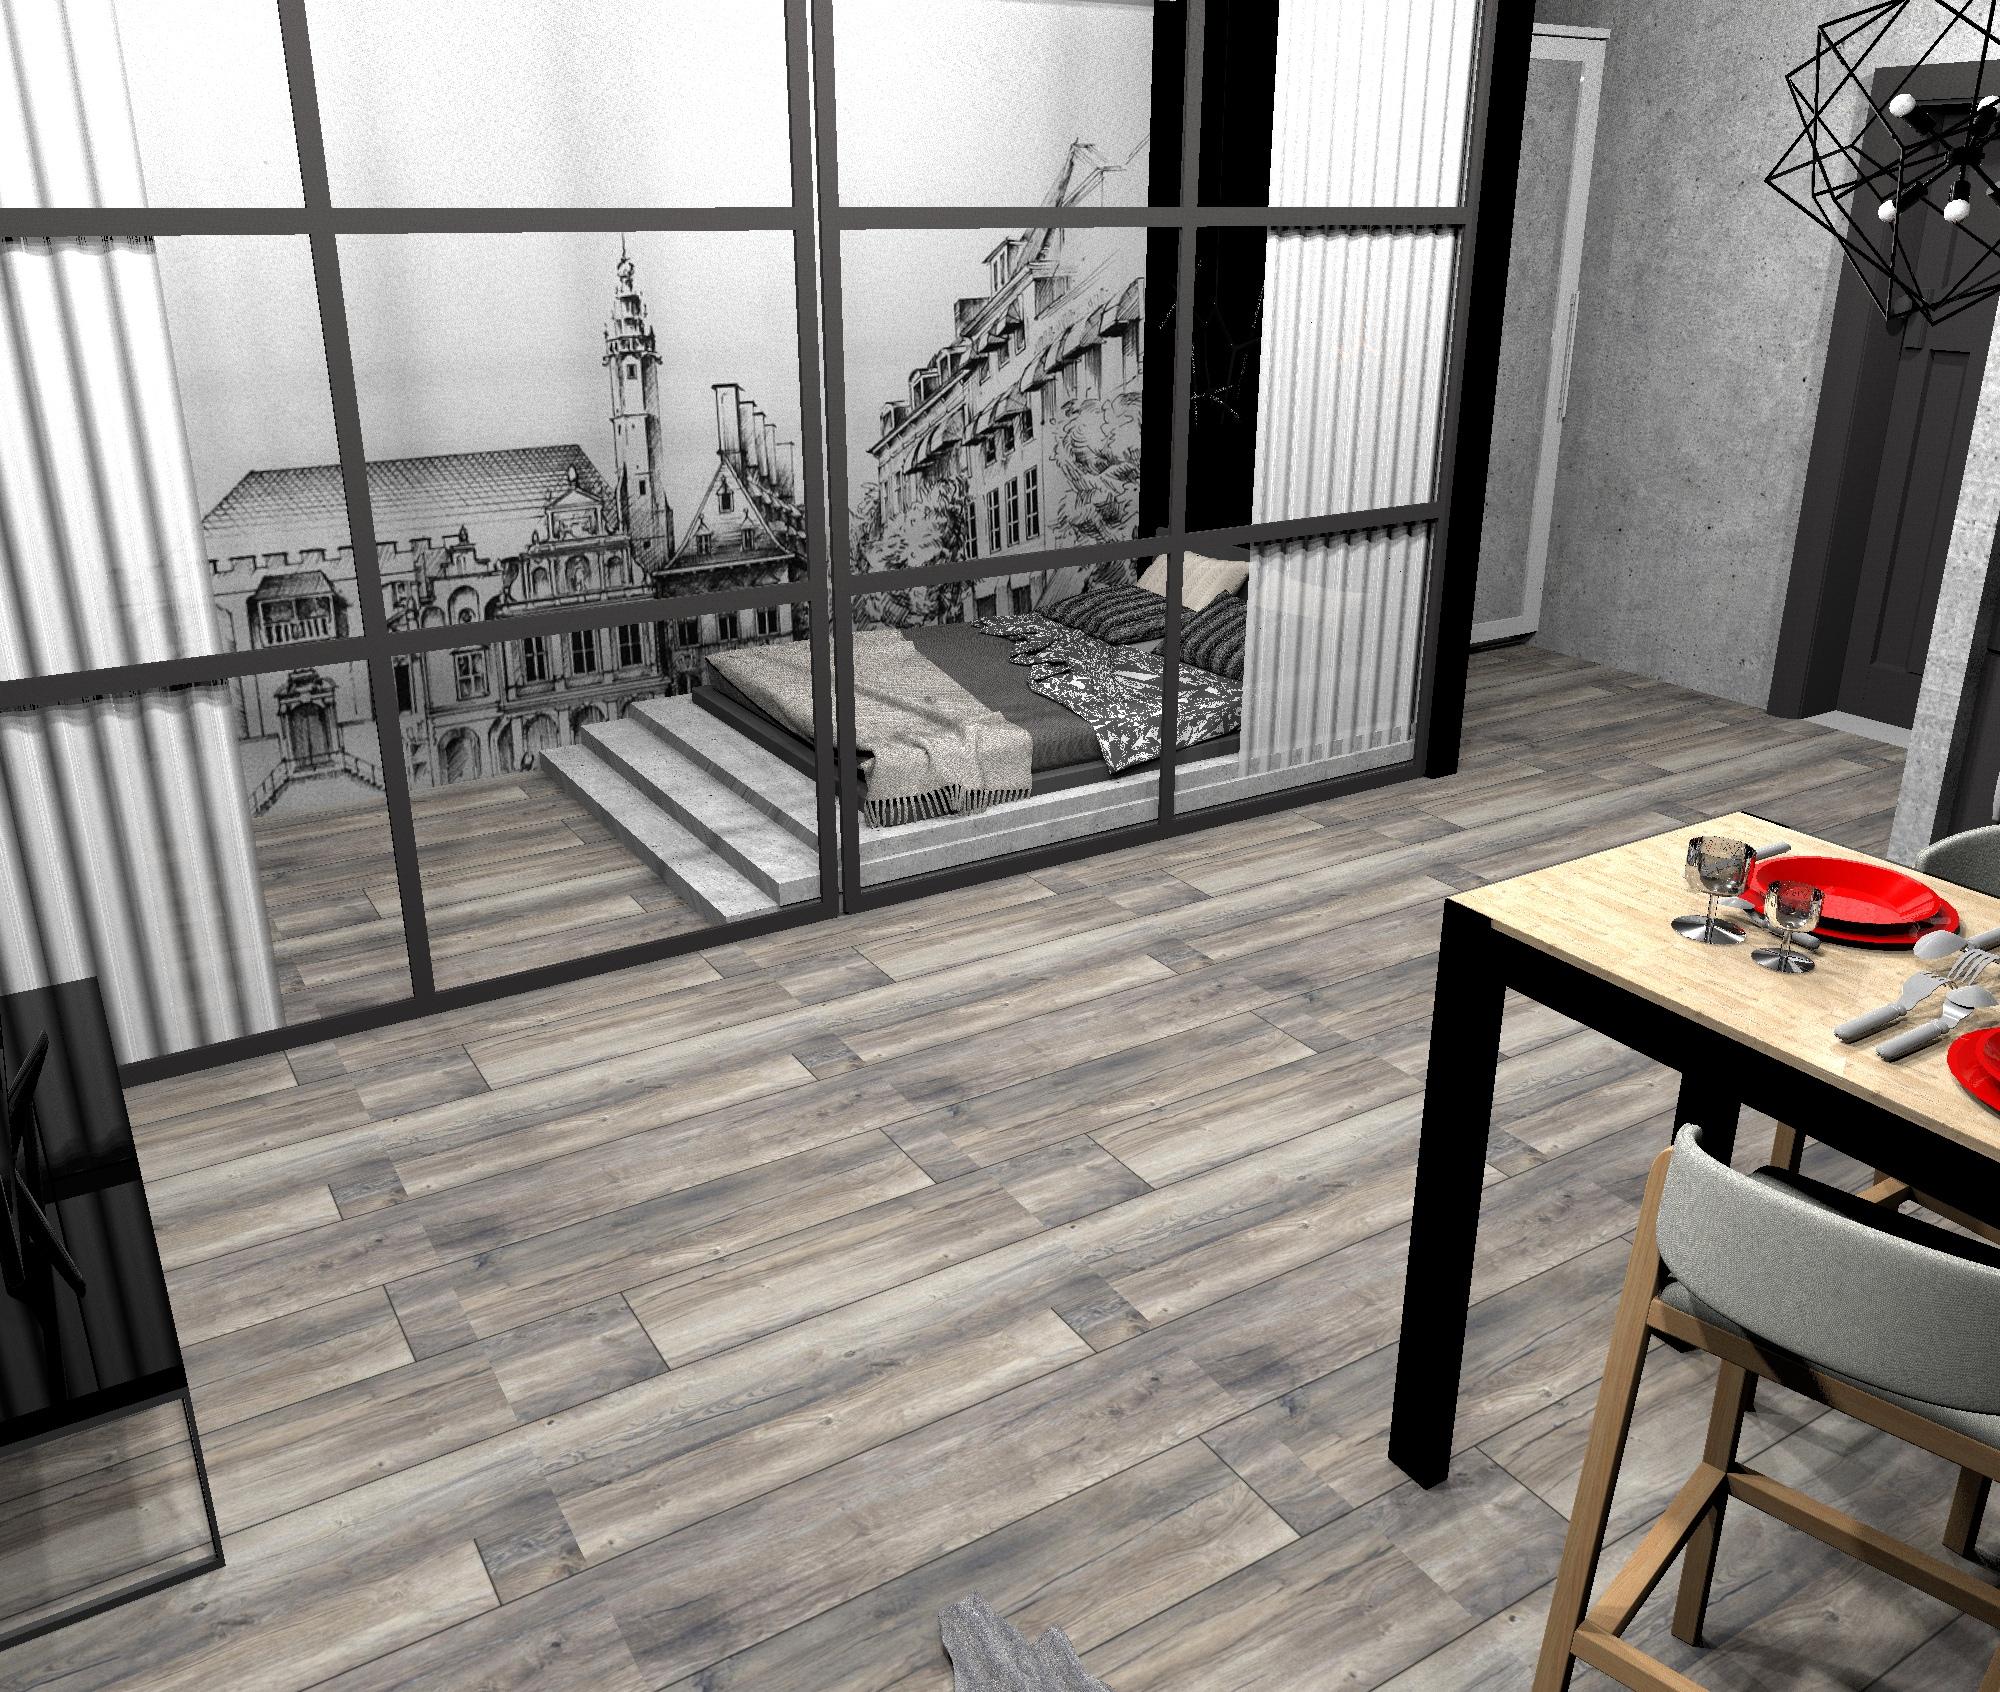 Проект квартиры-студии в стиле лофт, часть 2.